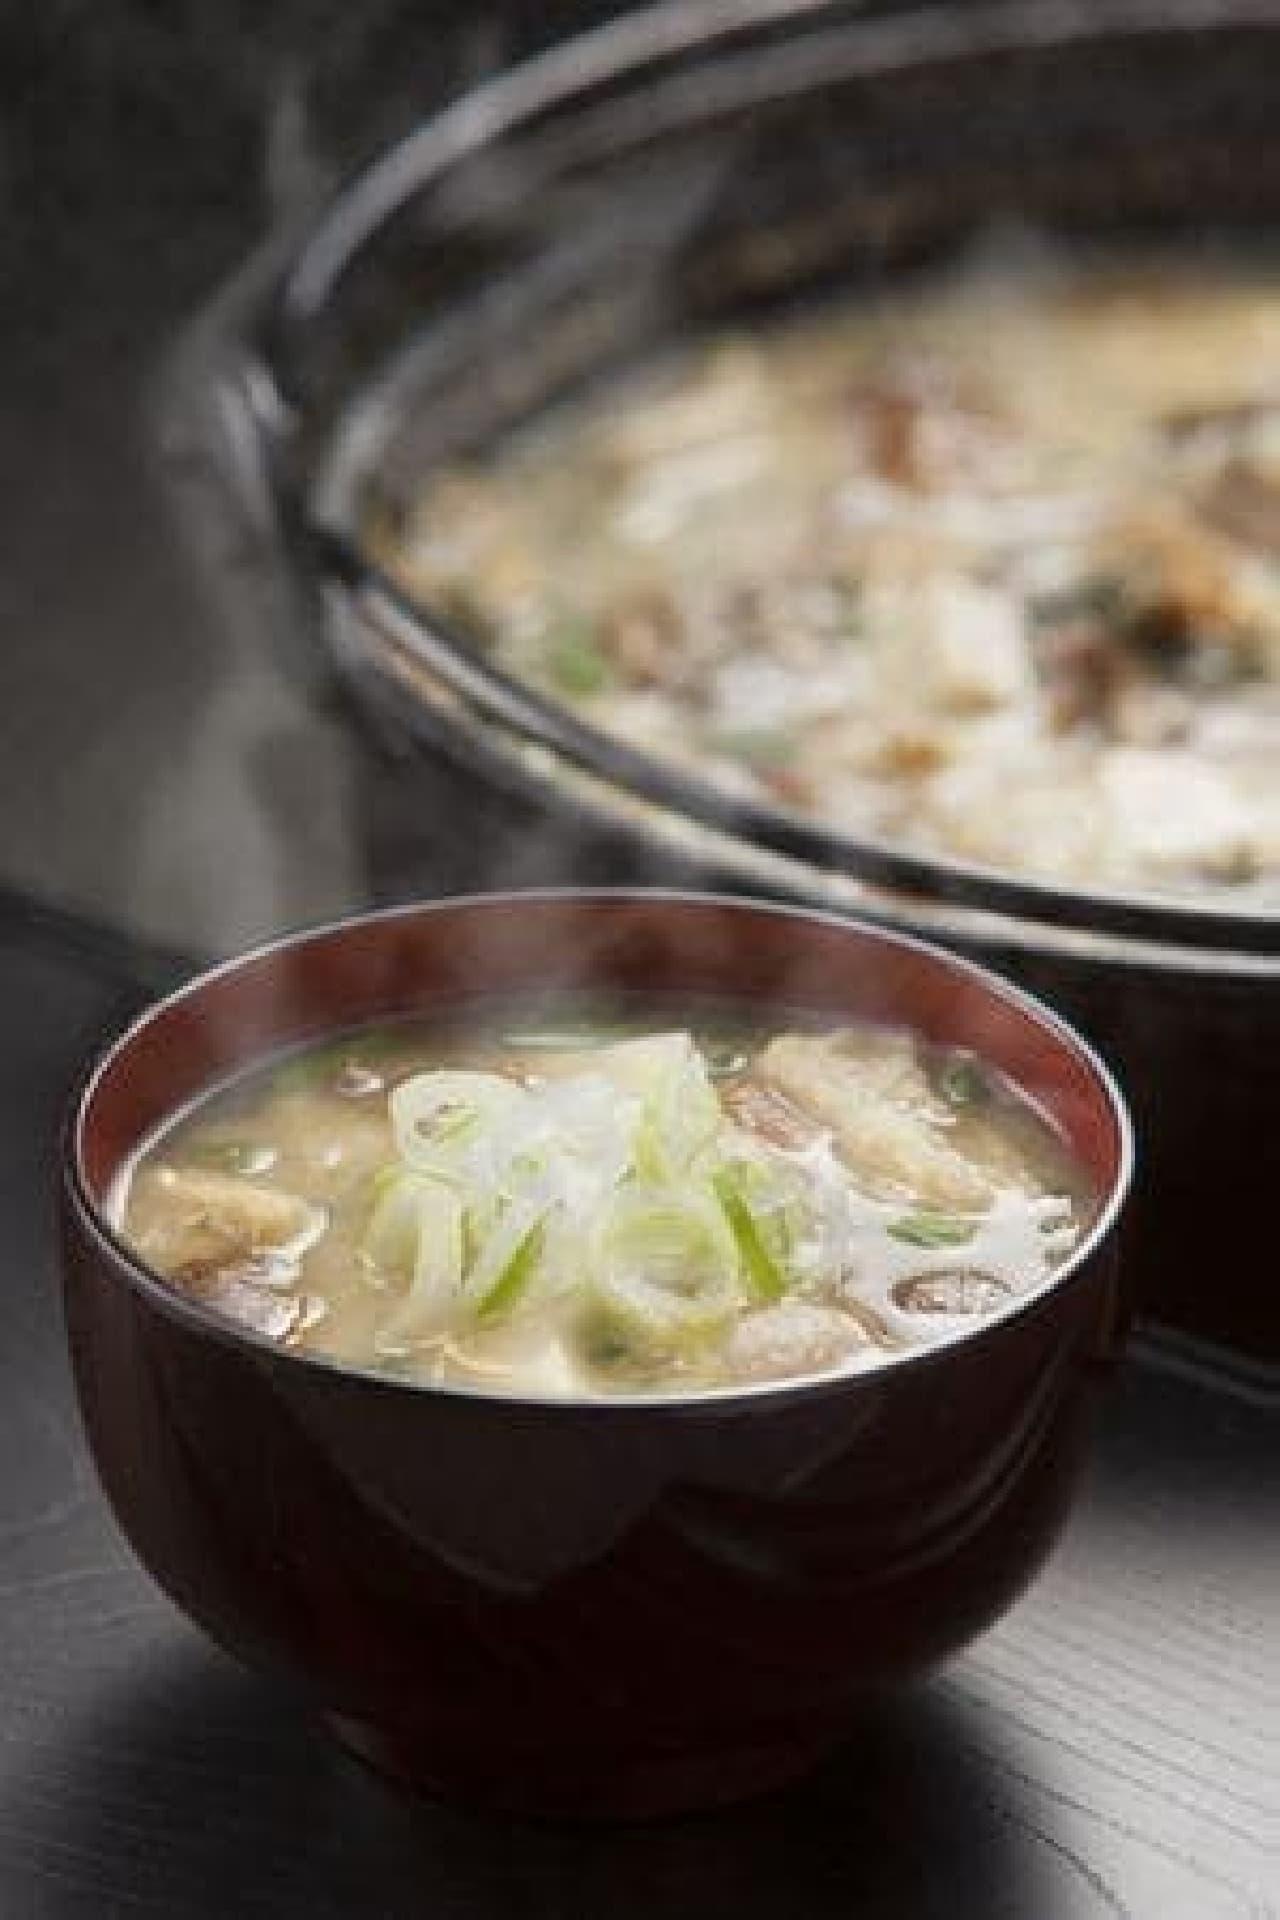 秋田名物すり潰した納豆を入れた「納豆汁」